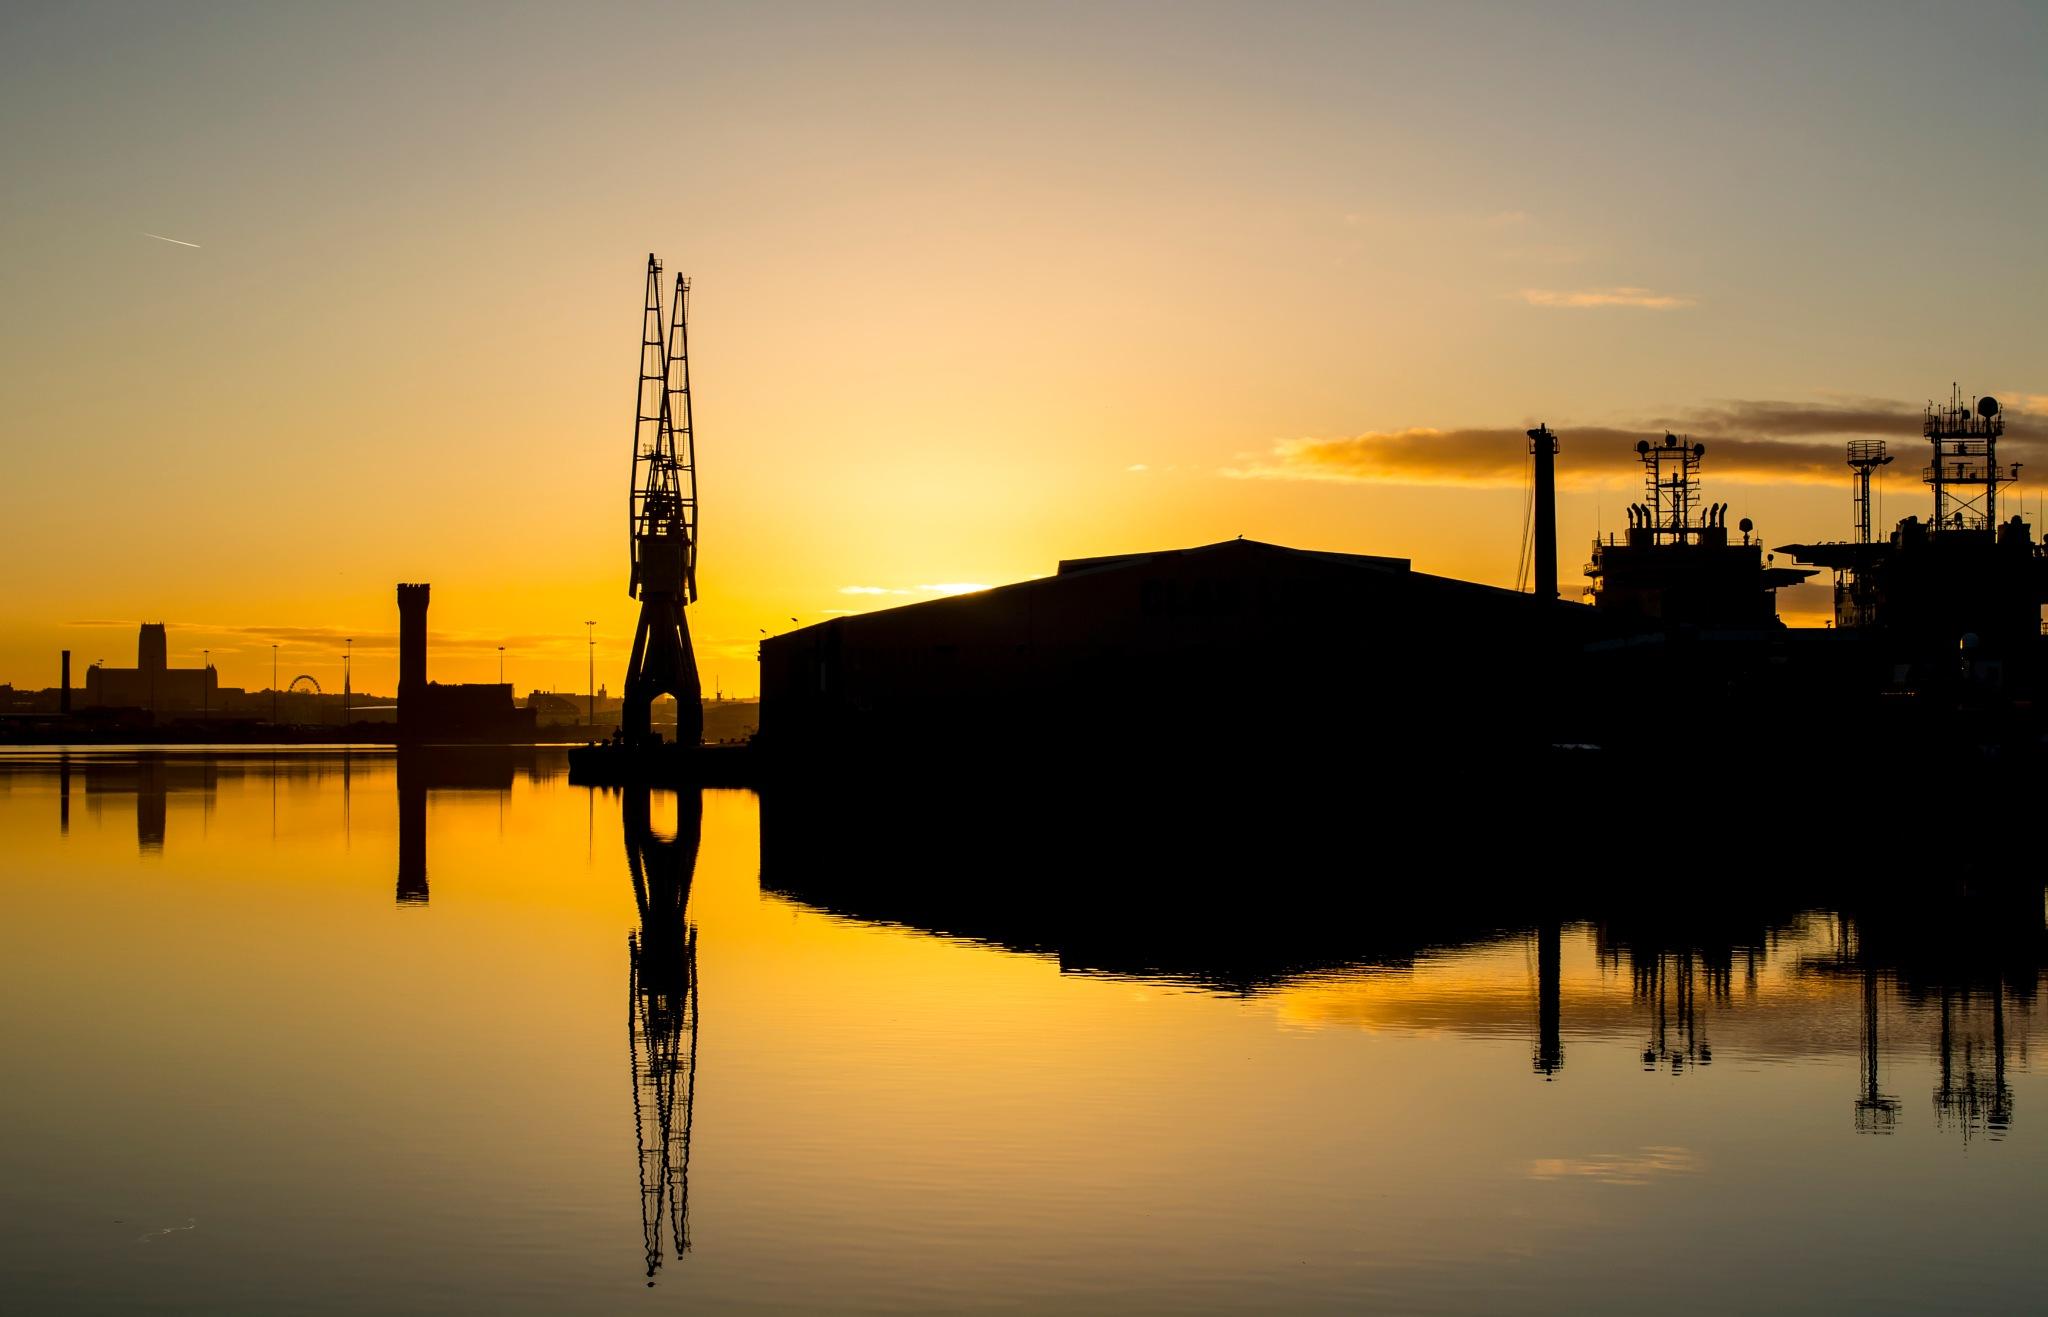 Docklands Sunrise by LandscapesUlike